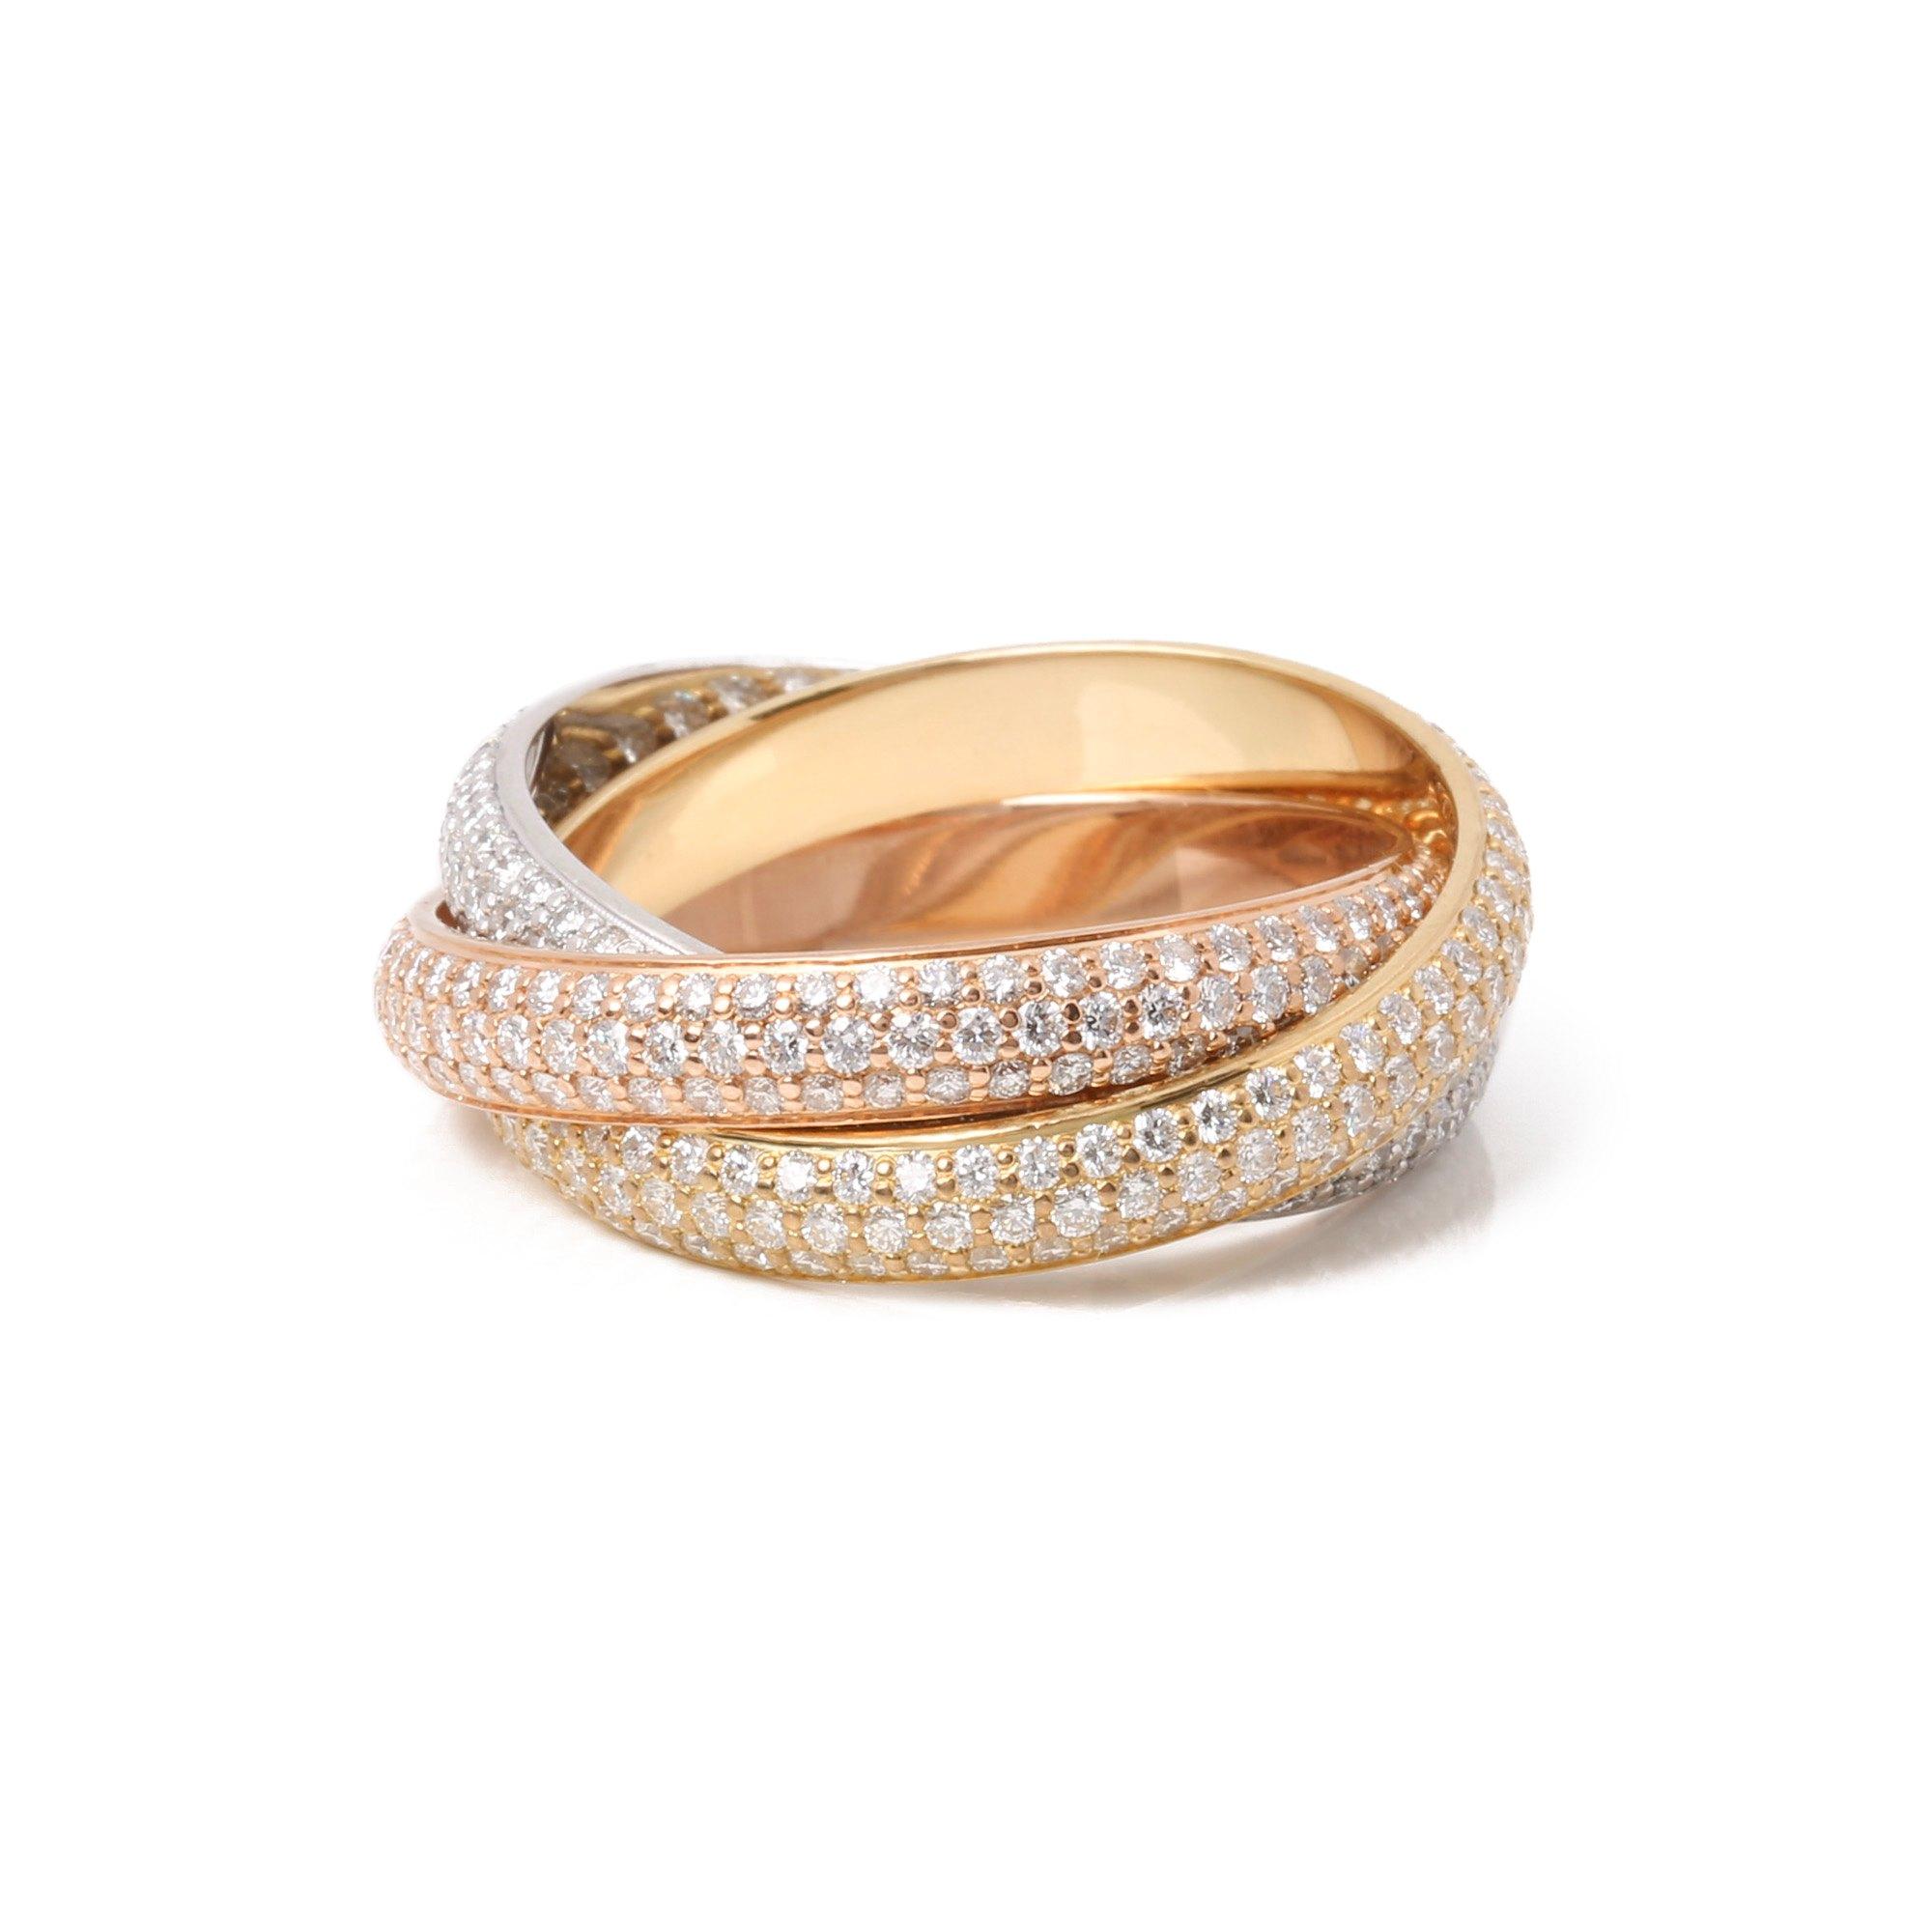 Cartier Trinity pave diamond ring